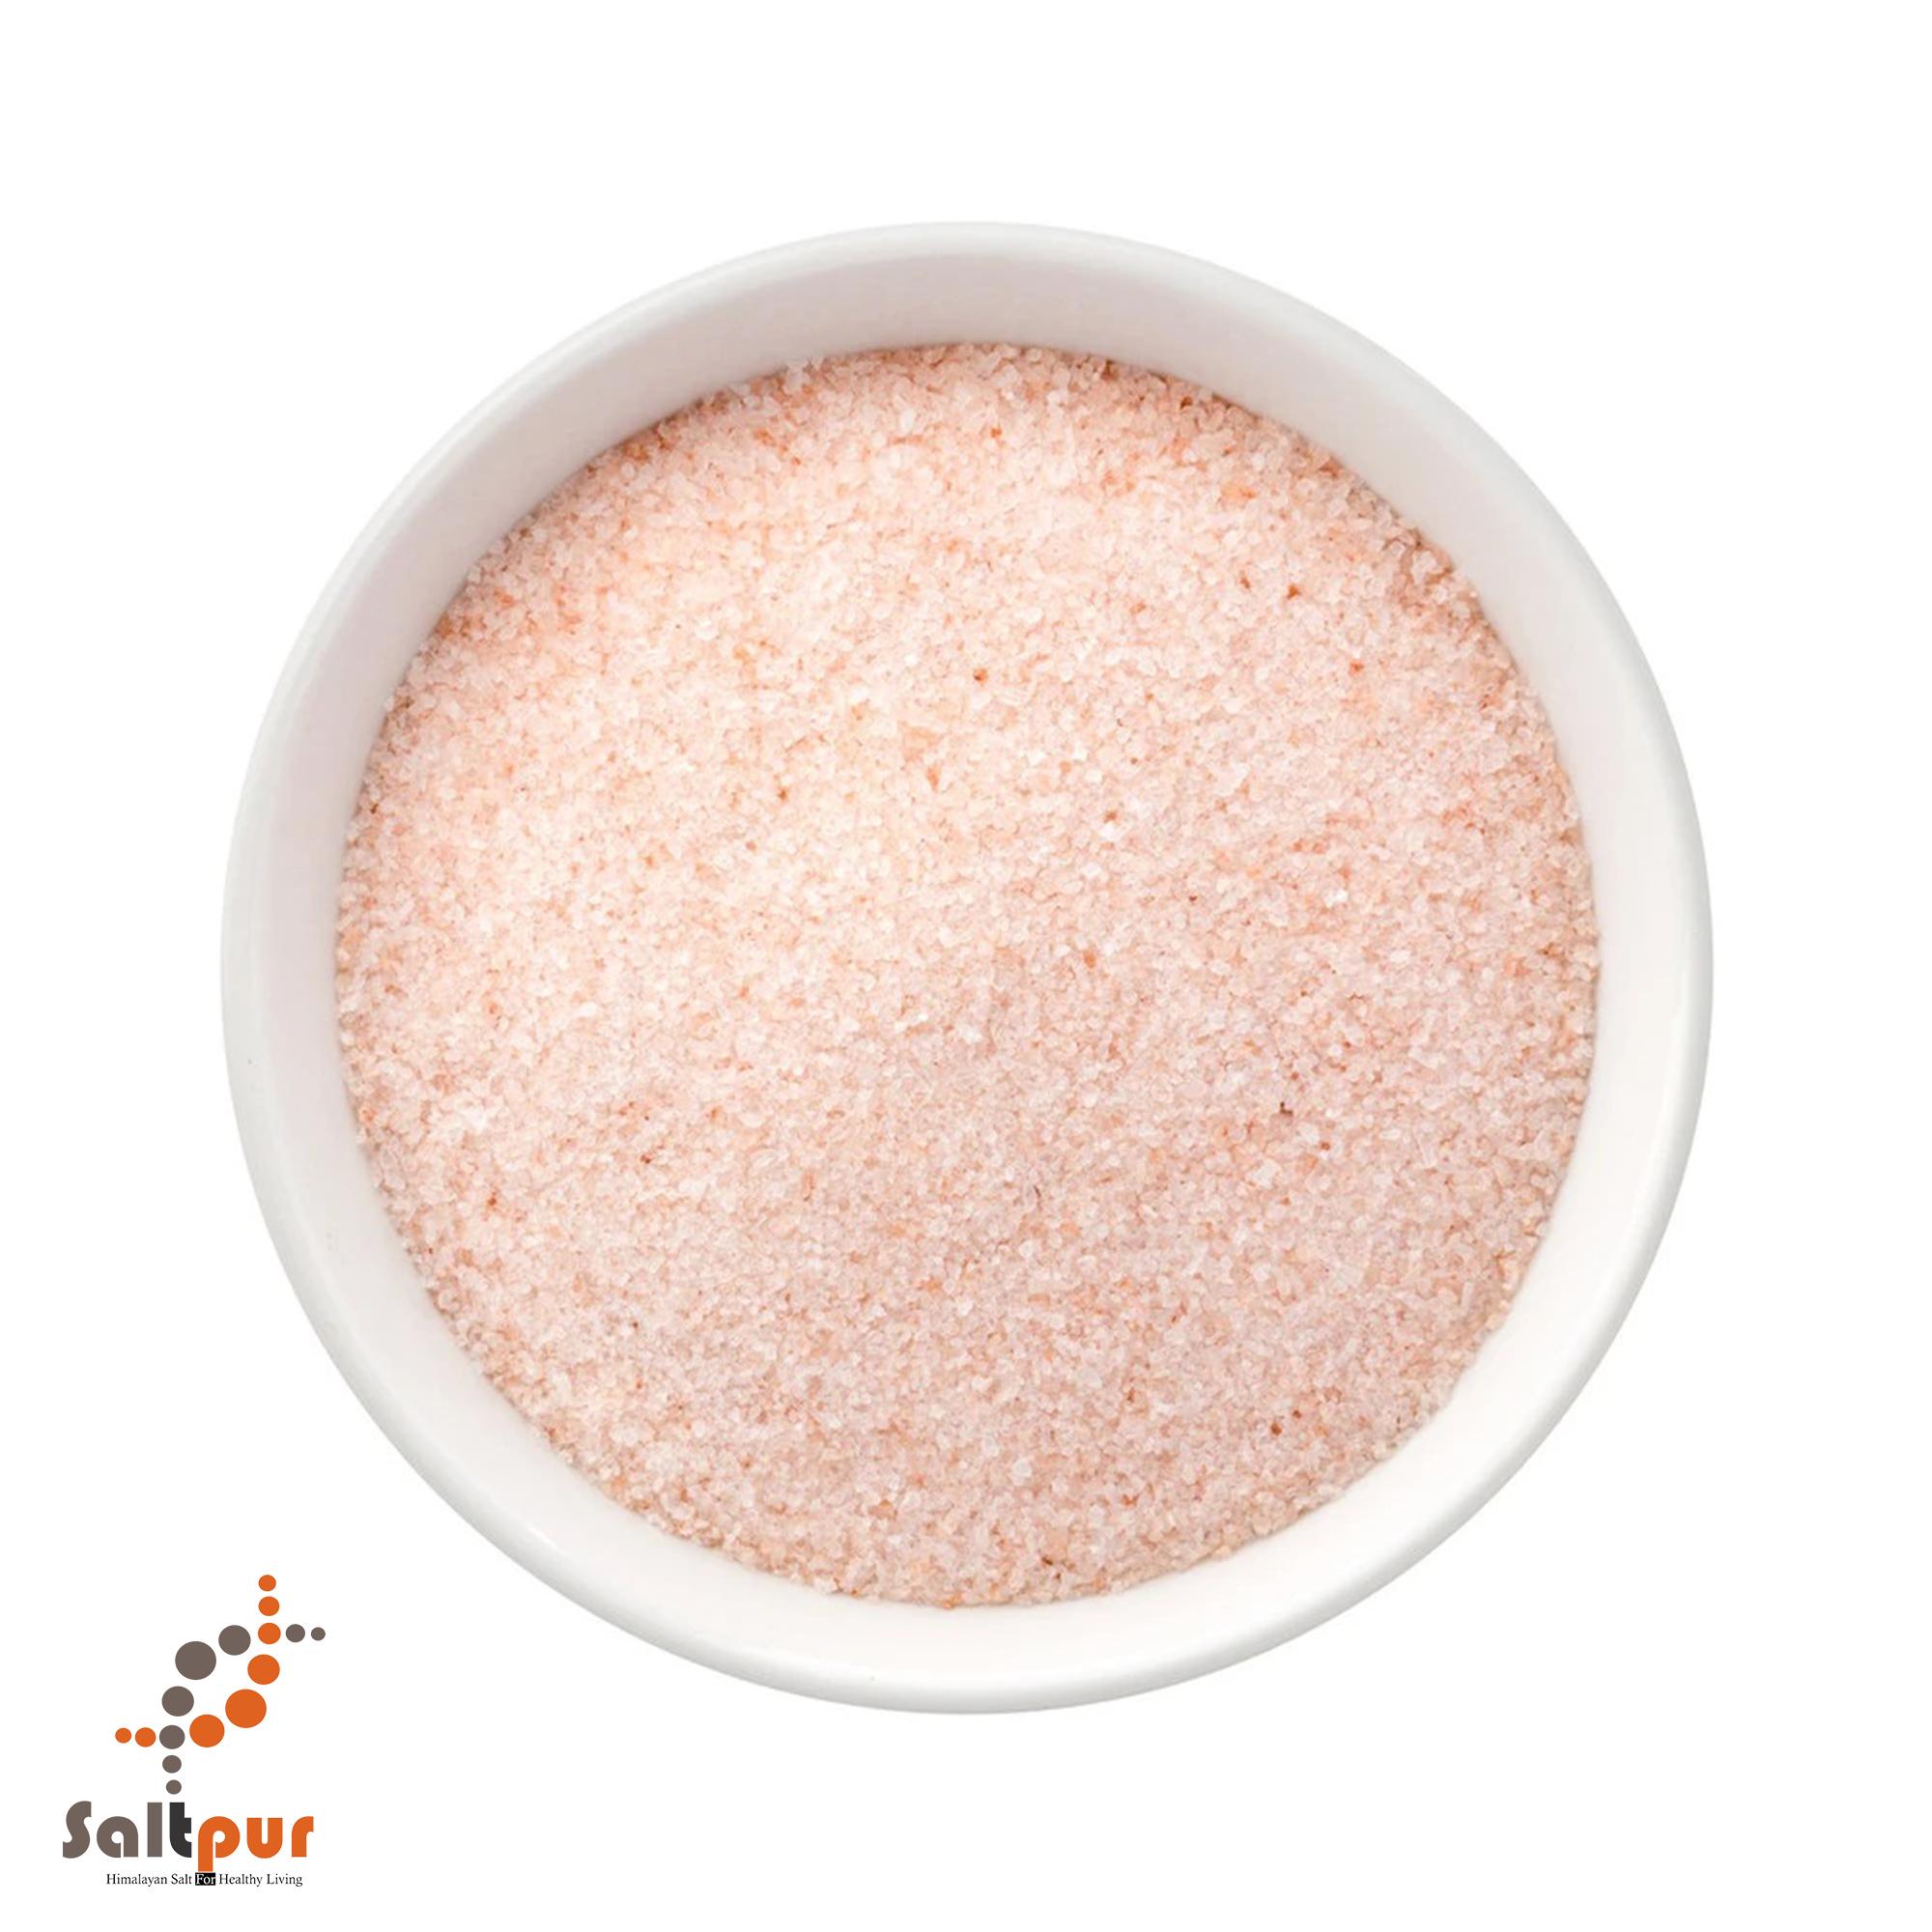 4 - Saltpur Himalayan Salts